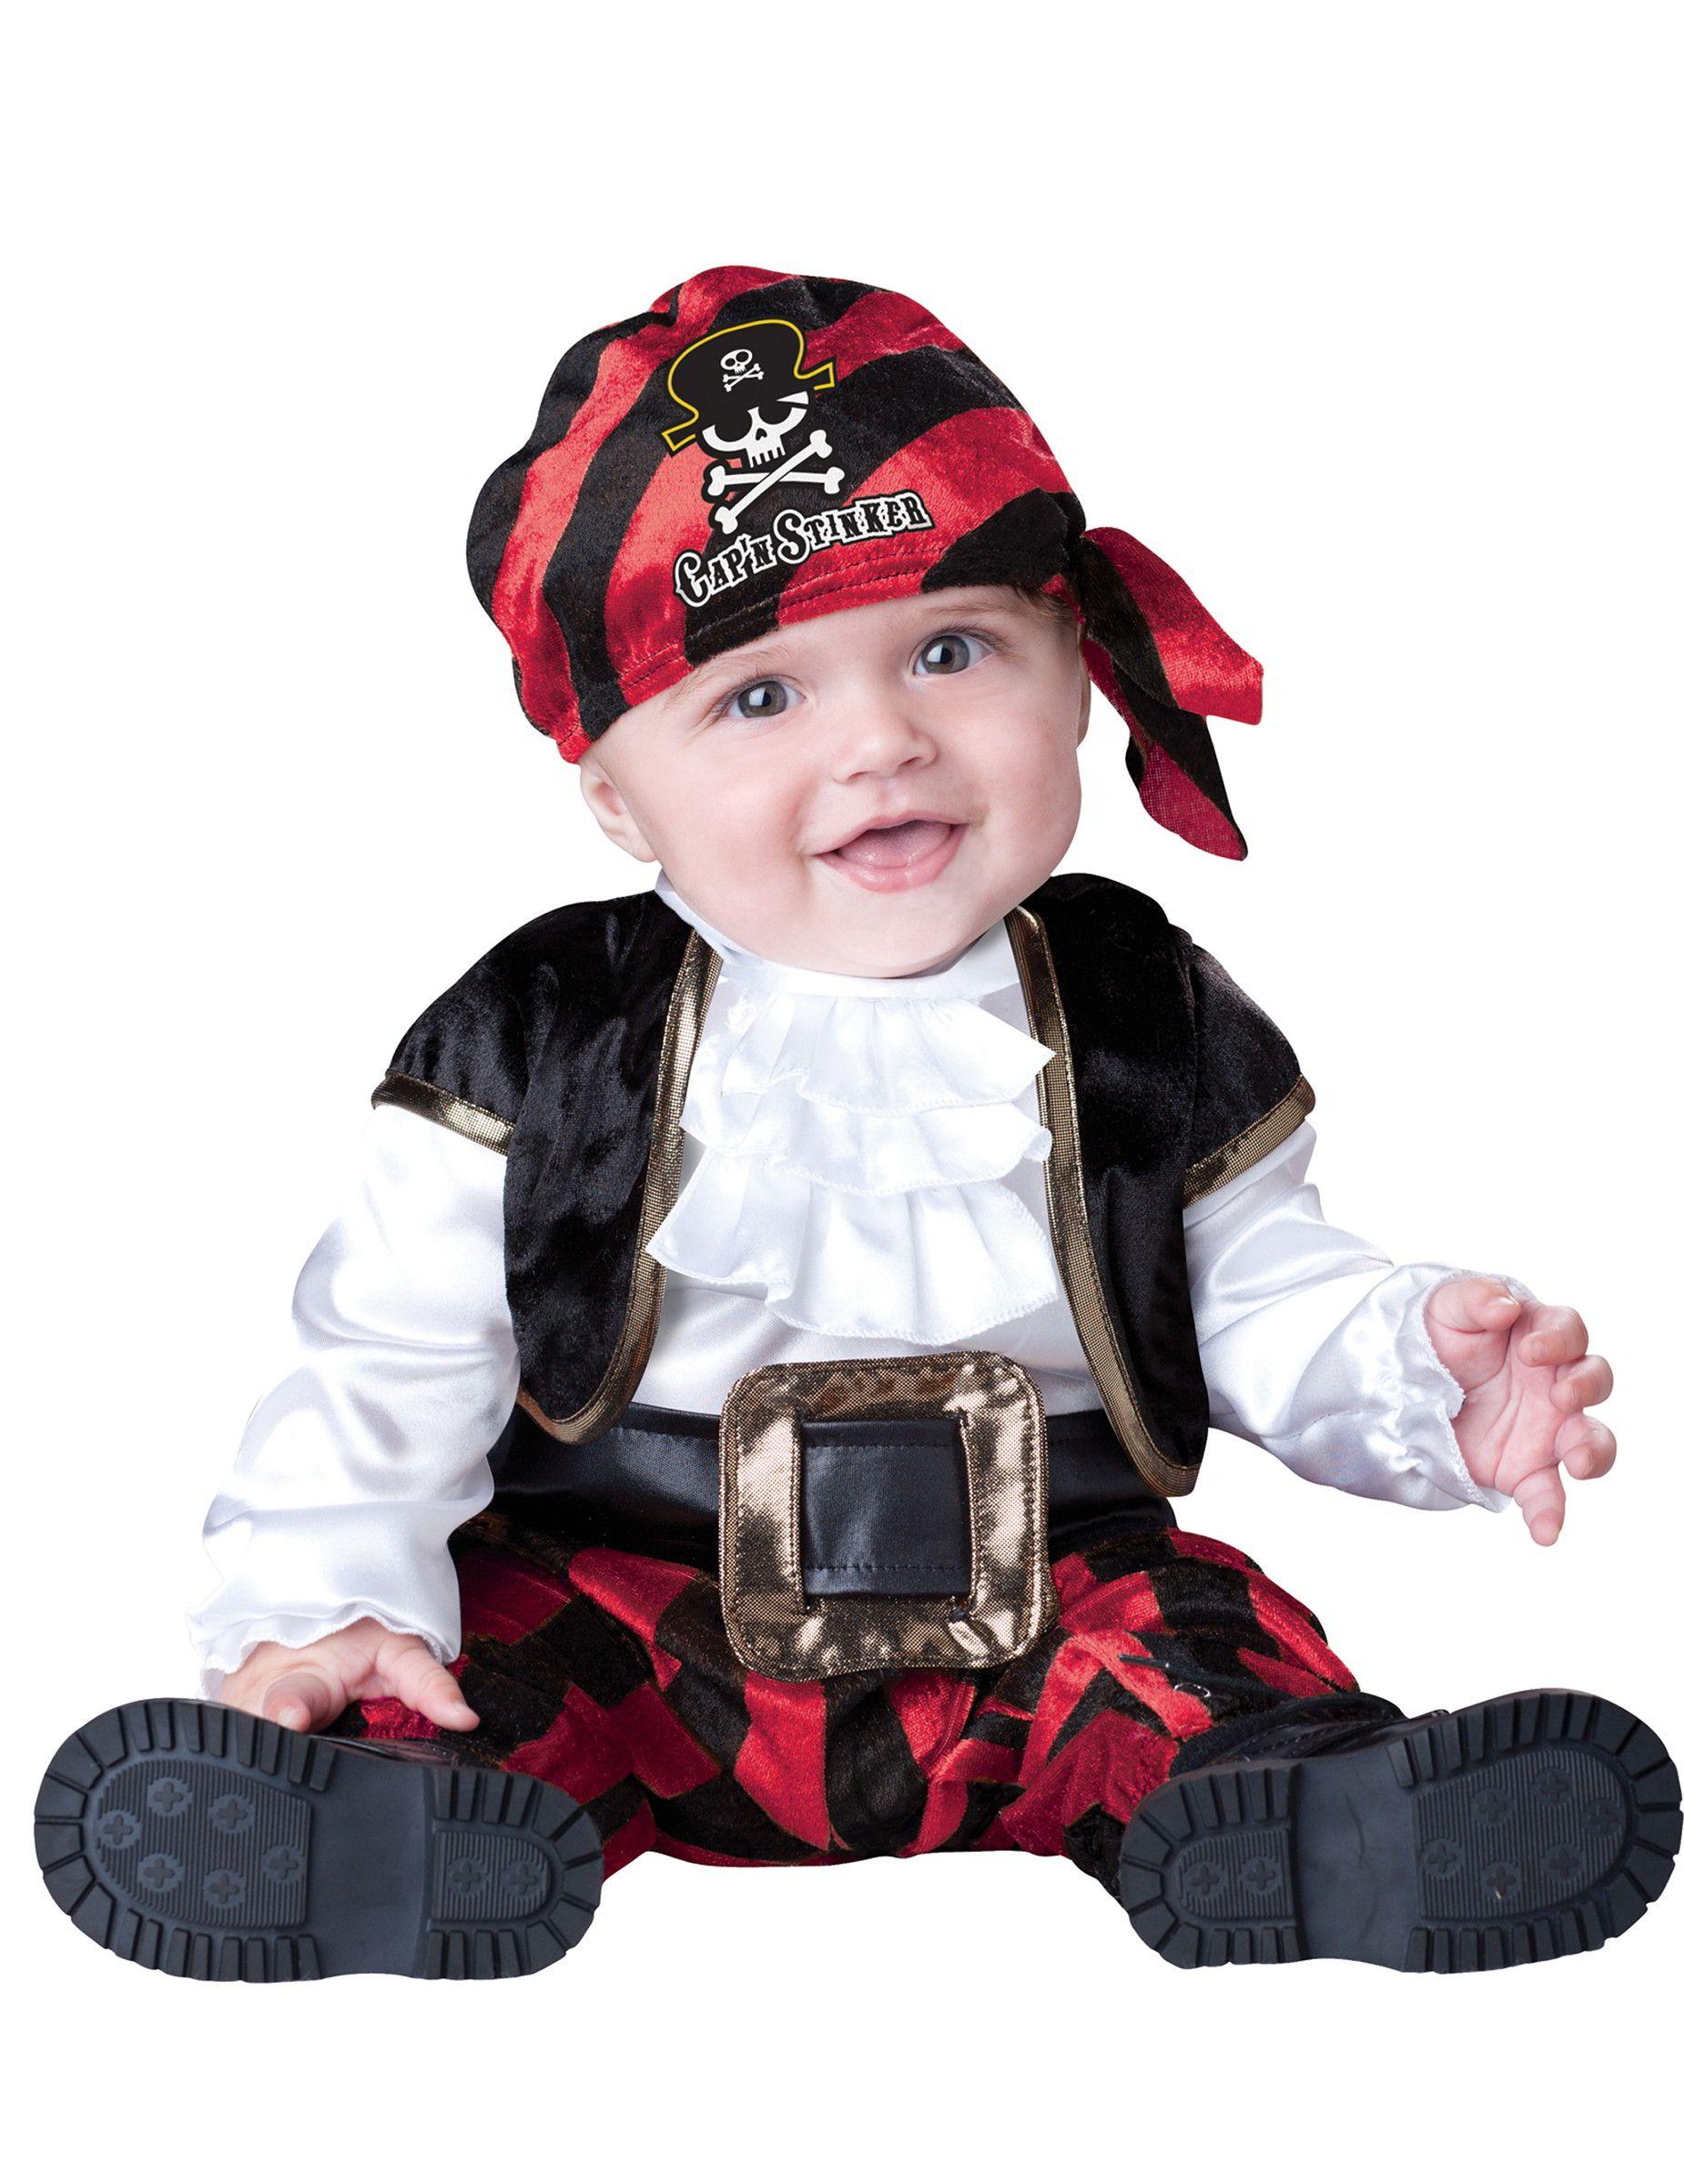 Tienda Española Online Con Todos Los Productos Para Tu Bebé Http Originalbaby Es Bebes Puericul Baby Pirate Costumes Pirate Baby Baby Halloween Costumes